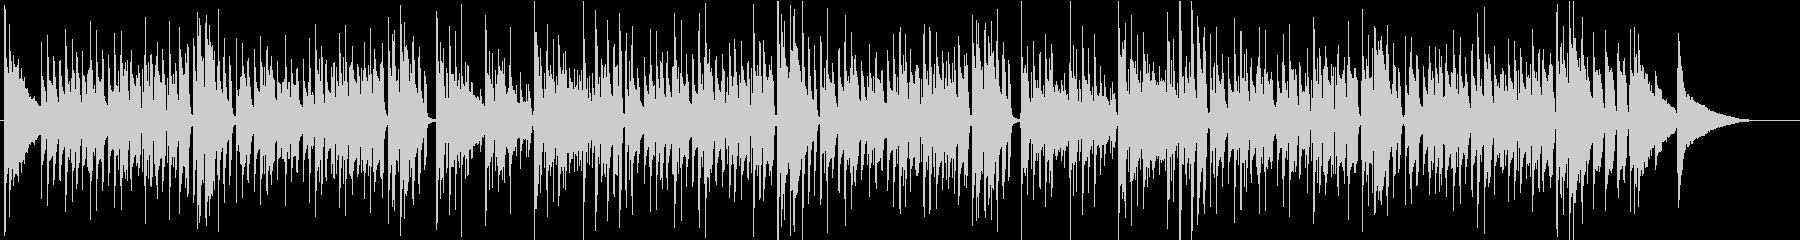 ウィンターワンダーランド アコギ生演奏の未再生の波形